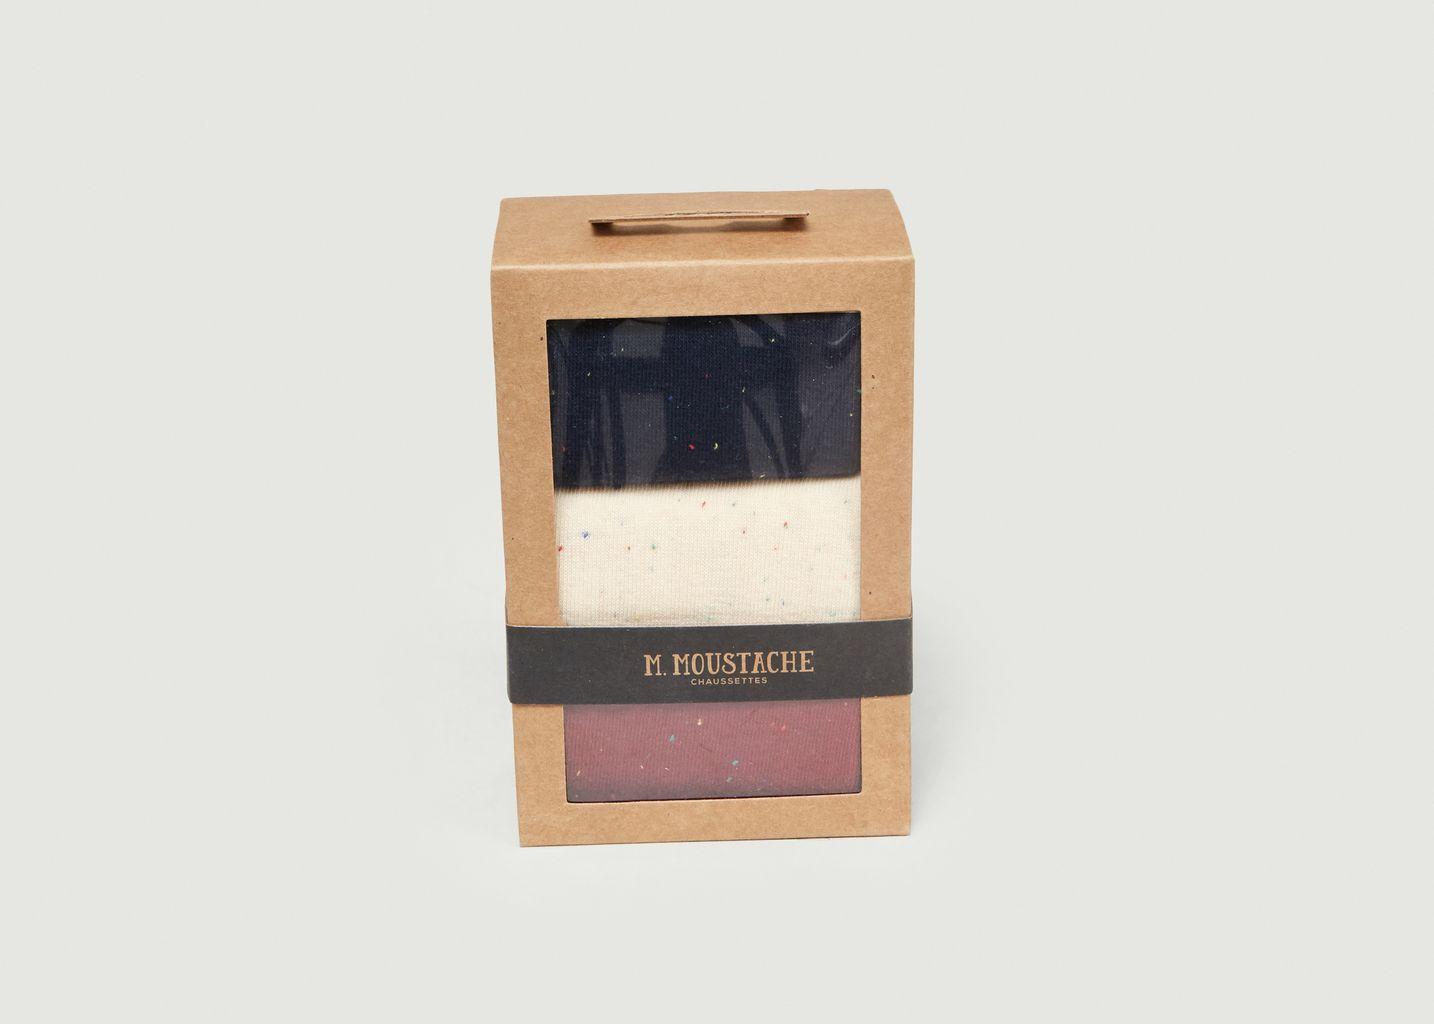 Pack de 3 Chaussettes - M. Moustache